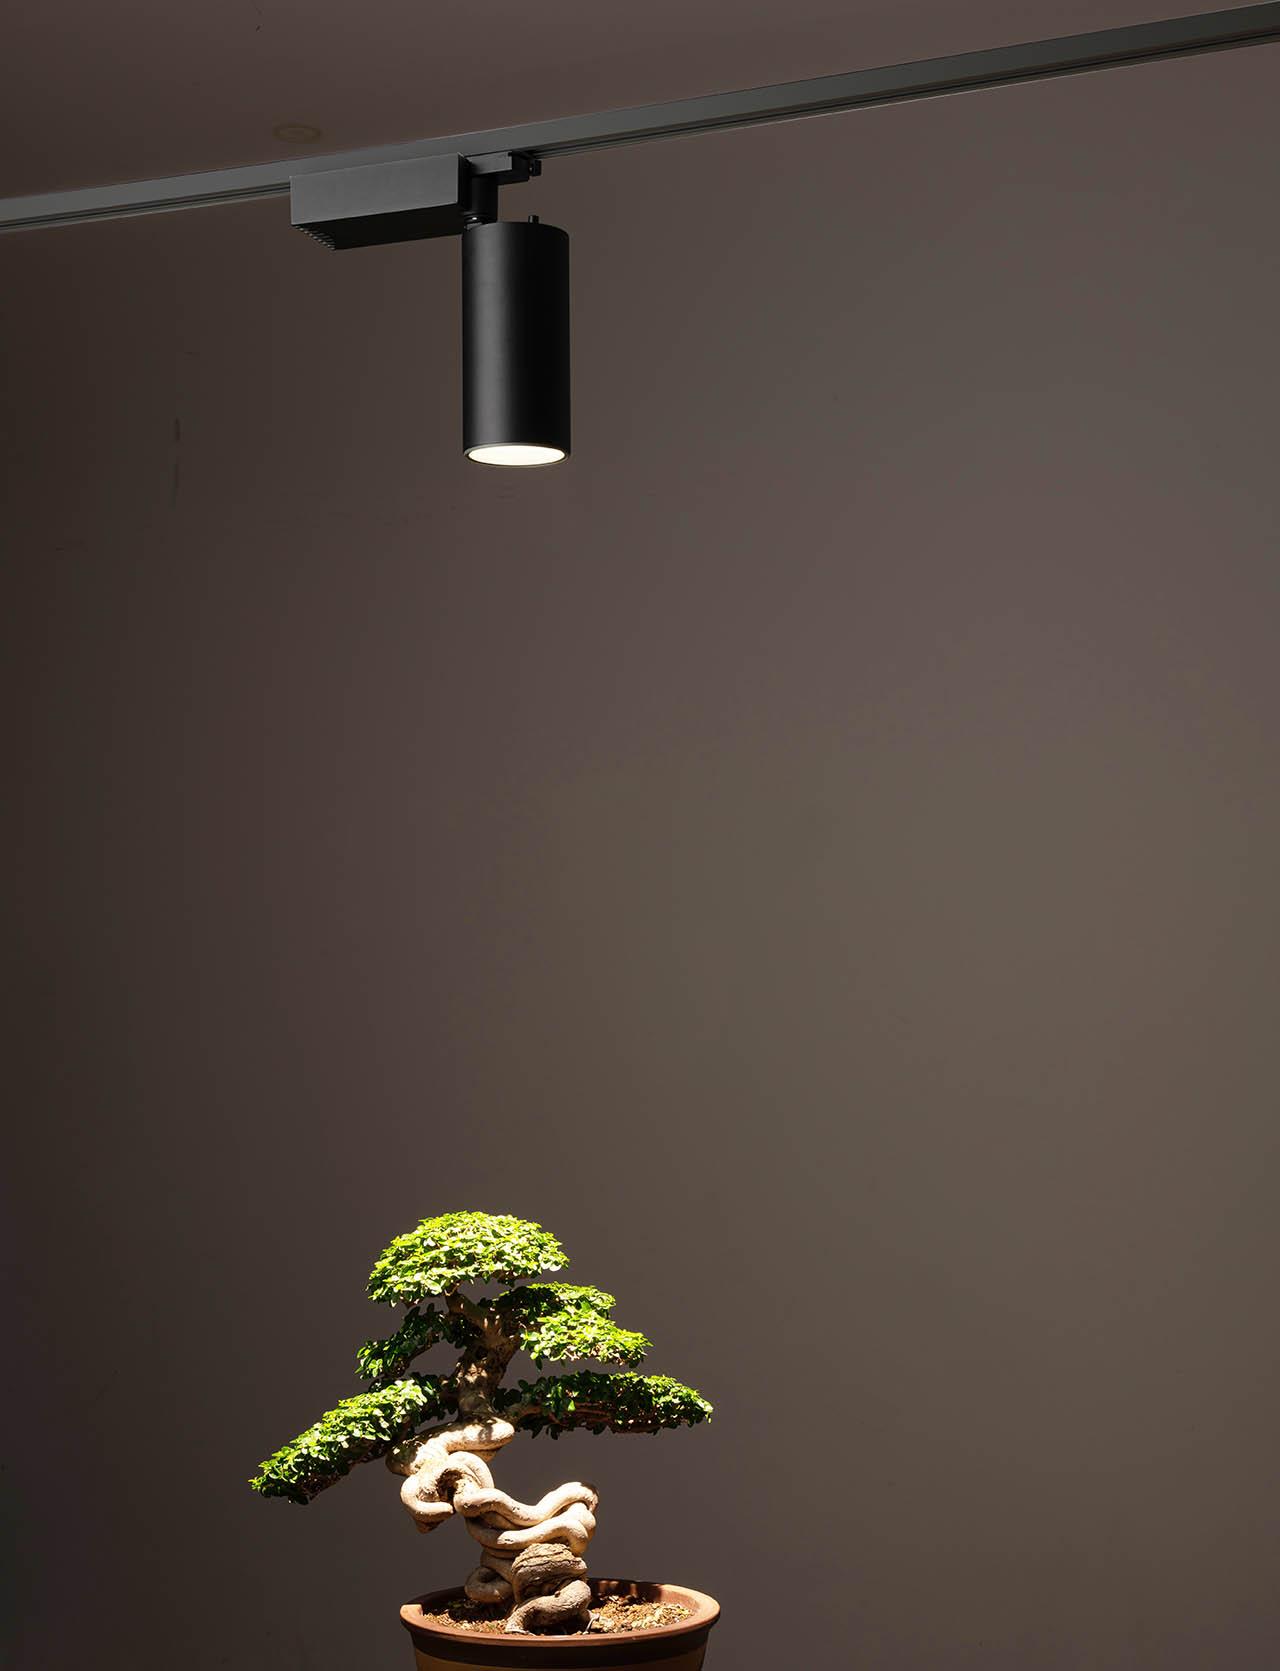 軌道燈植物燈